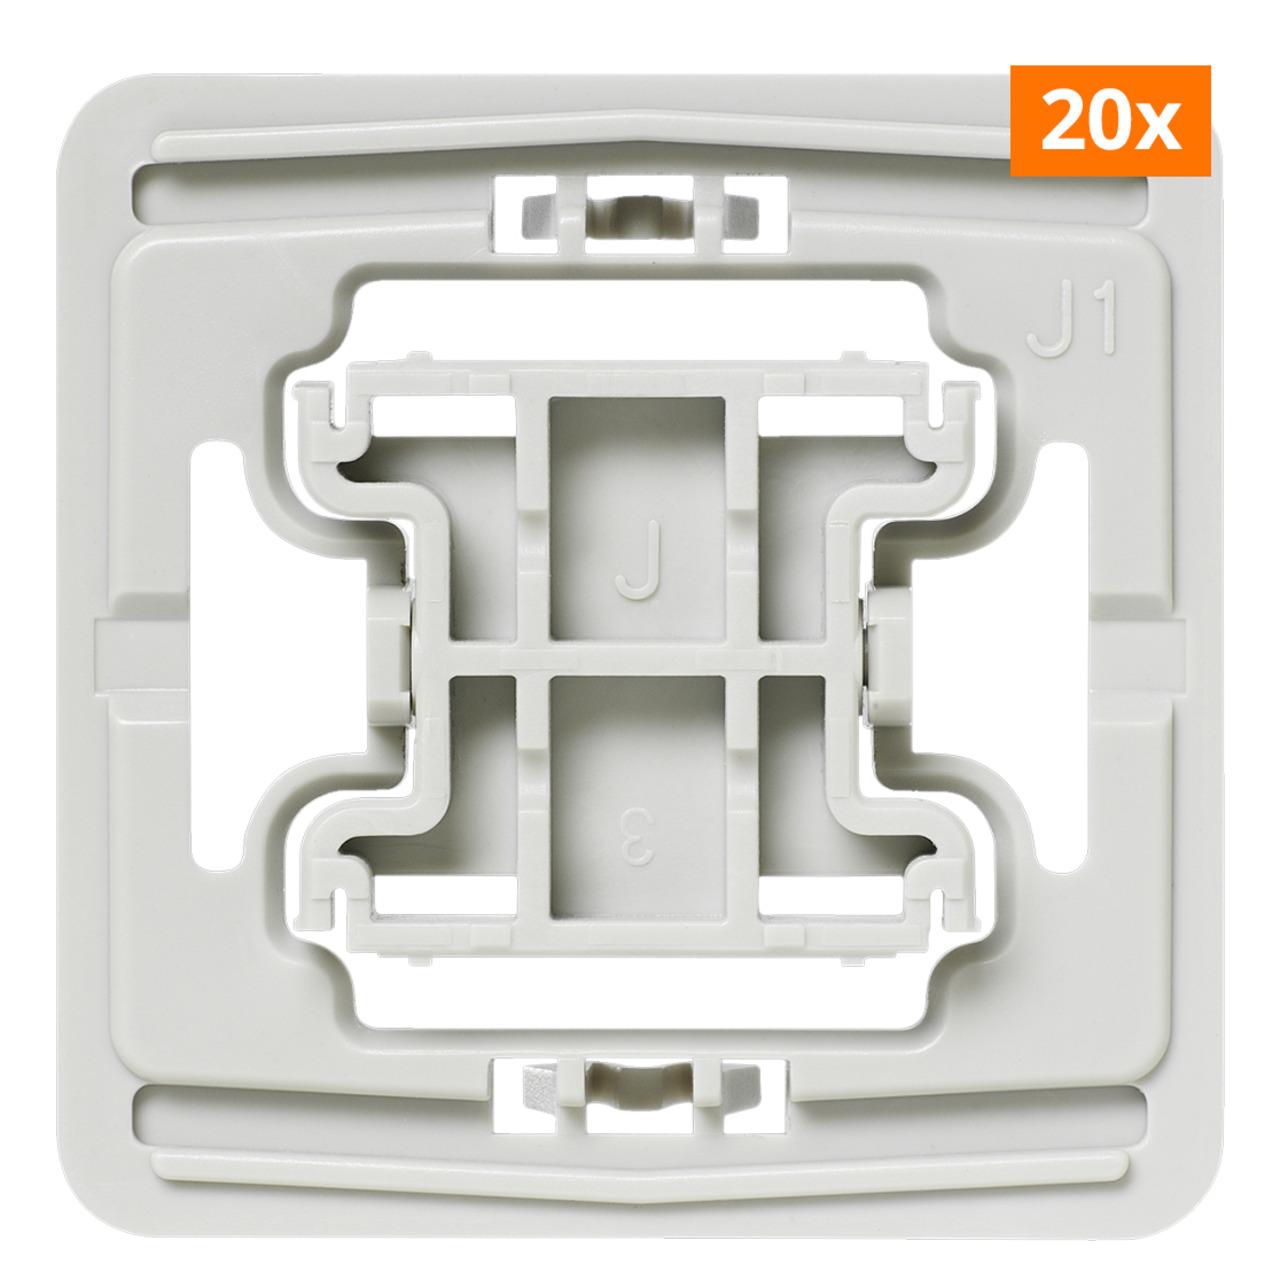 Installationsadapter für Jung-Schalter- J1- 20er-Set für Smart Home / Hausautomation